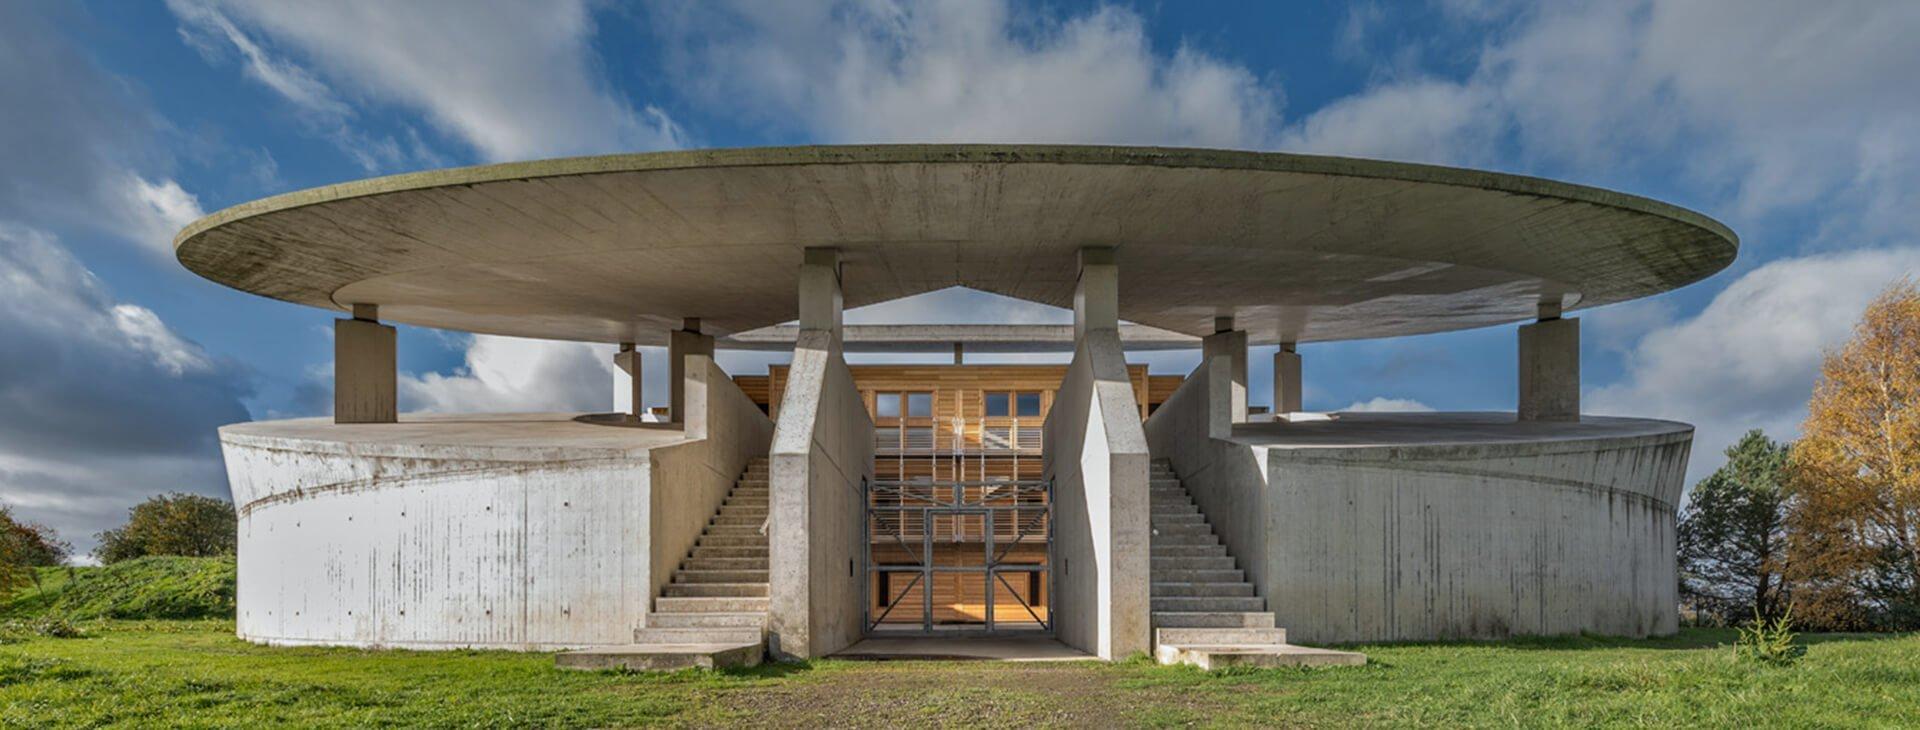 stilwerk_magazin_2018_wunder_reclaimed_architecture_hombroich_stage1